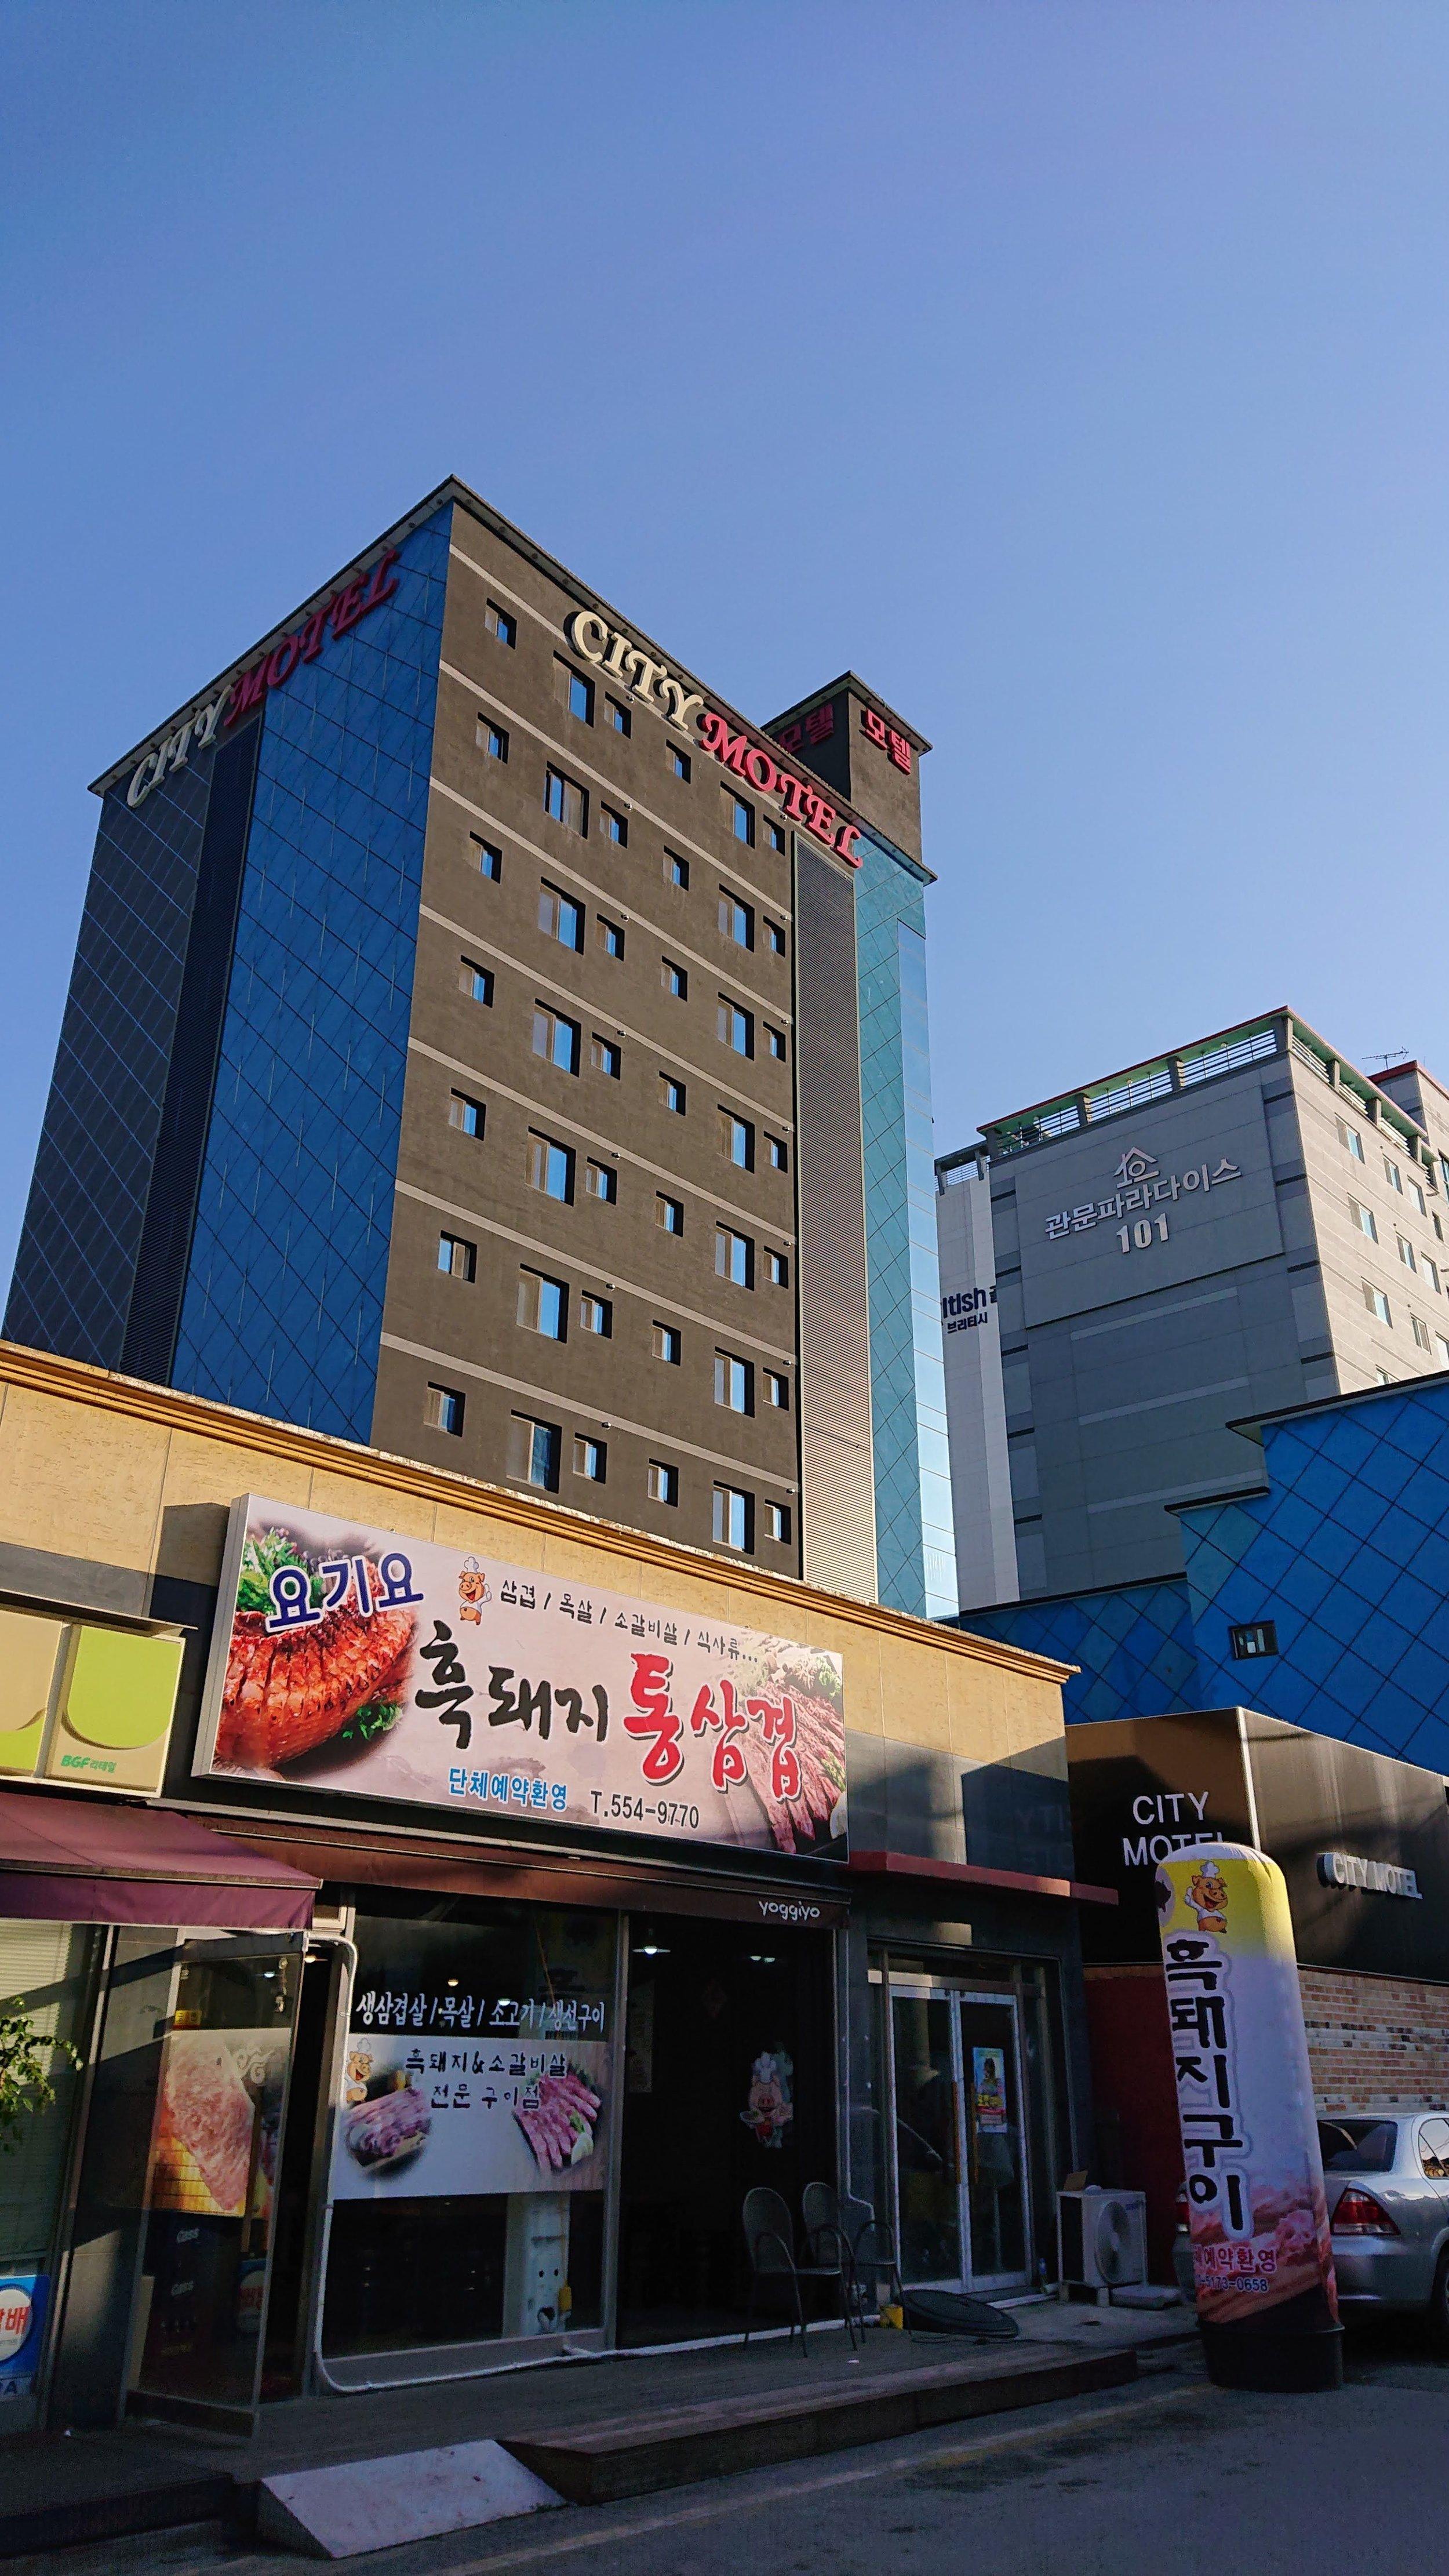 City Motel, Sicheong 1-gil 15, Mojeon-dong, Mungyeong, Gyeongsangbuk-do, South Korea. Or, just look up and you'll see its emblem.